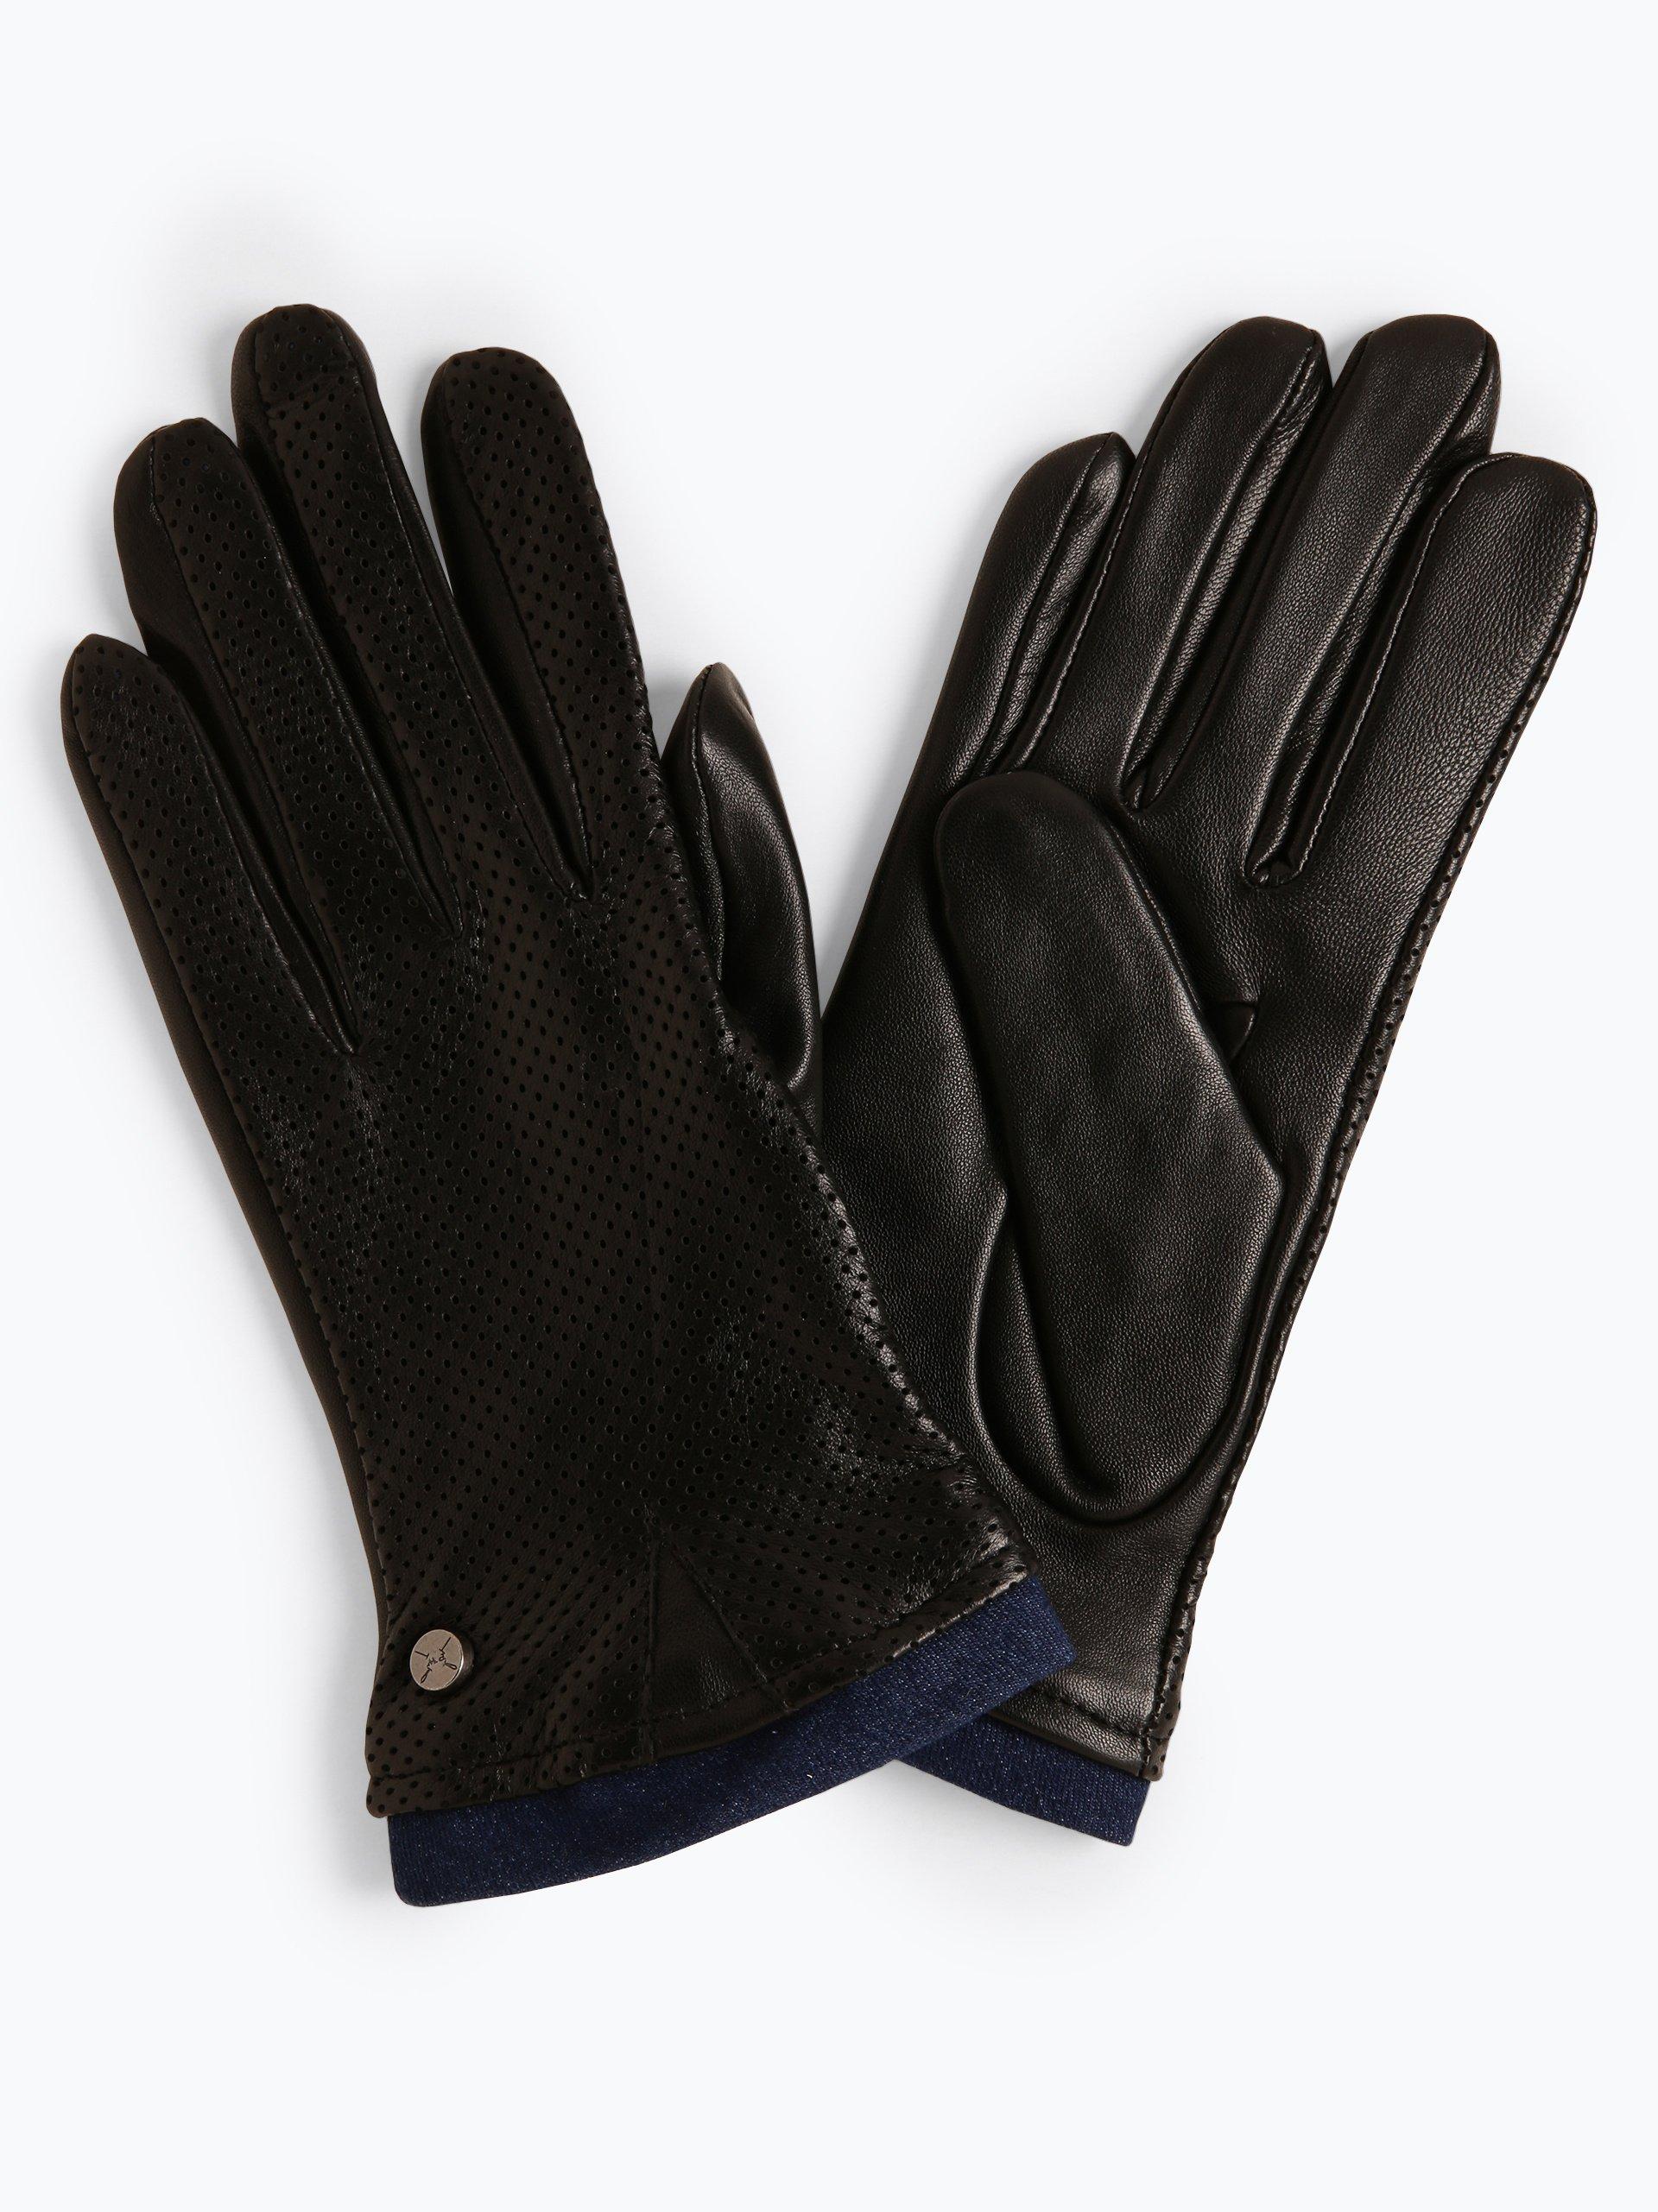 Pearlwood Rękawiczki damskie ze skóry